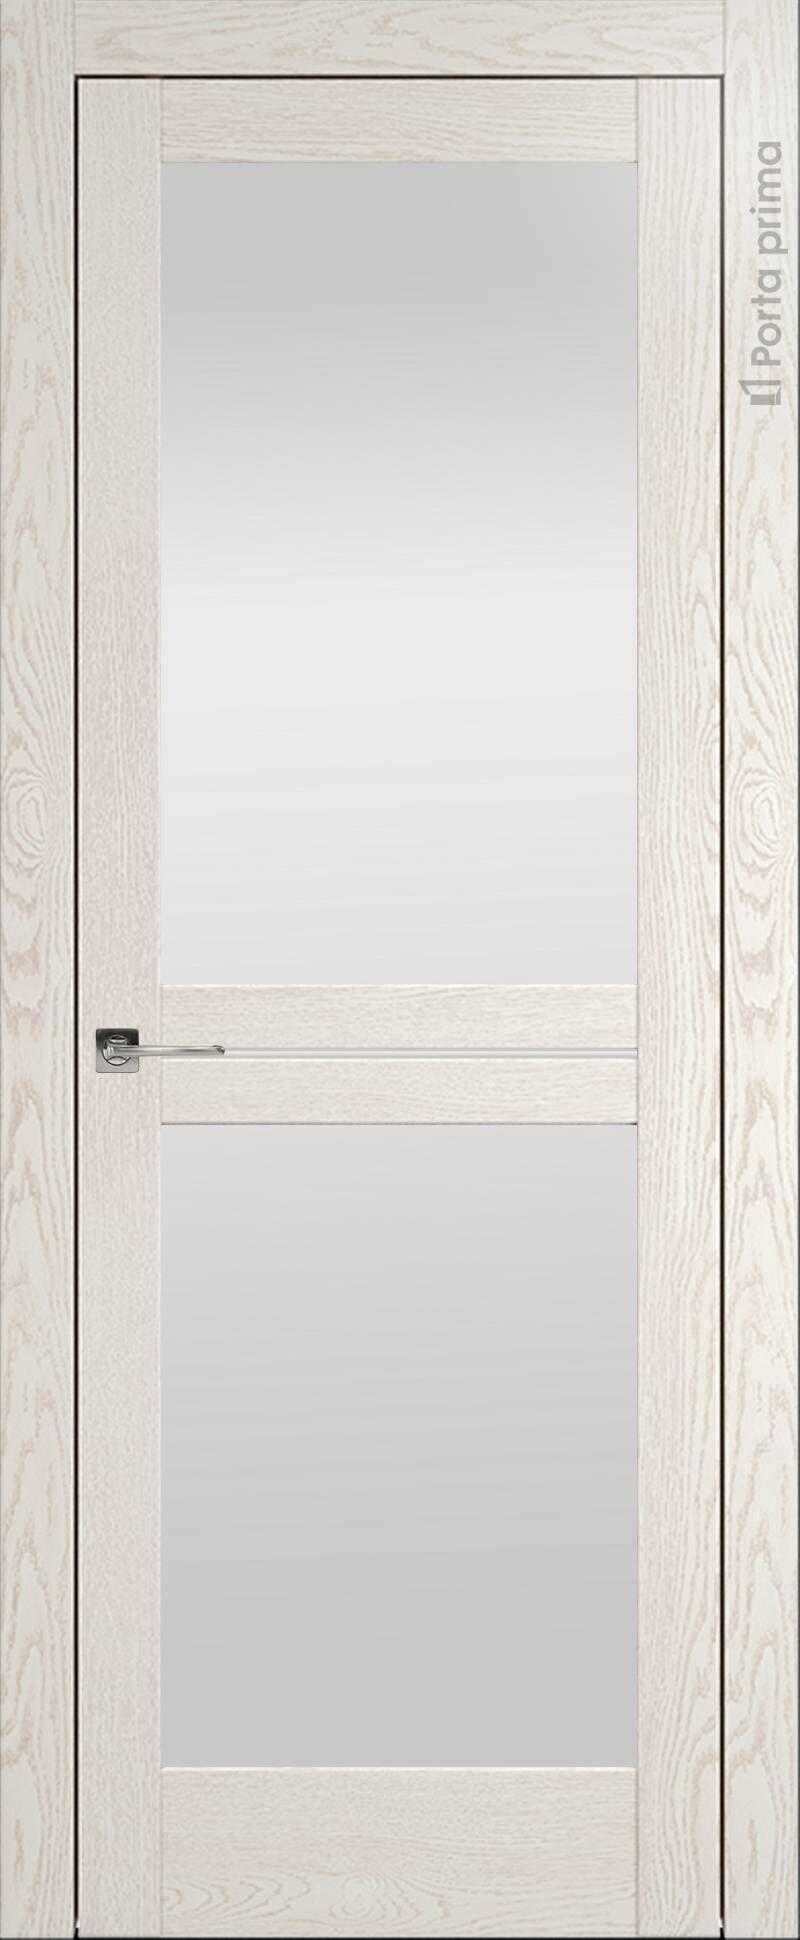 Elegante цвет - Белый ясень (nano-flex) Со стеклом (ДО)